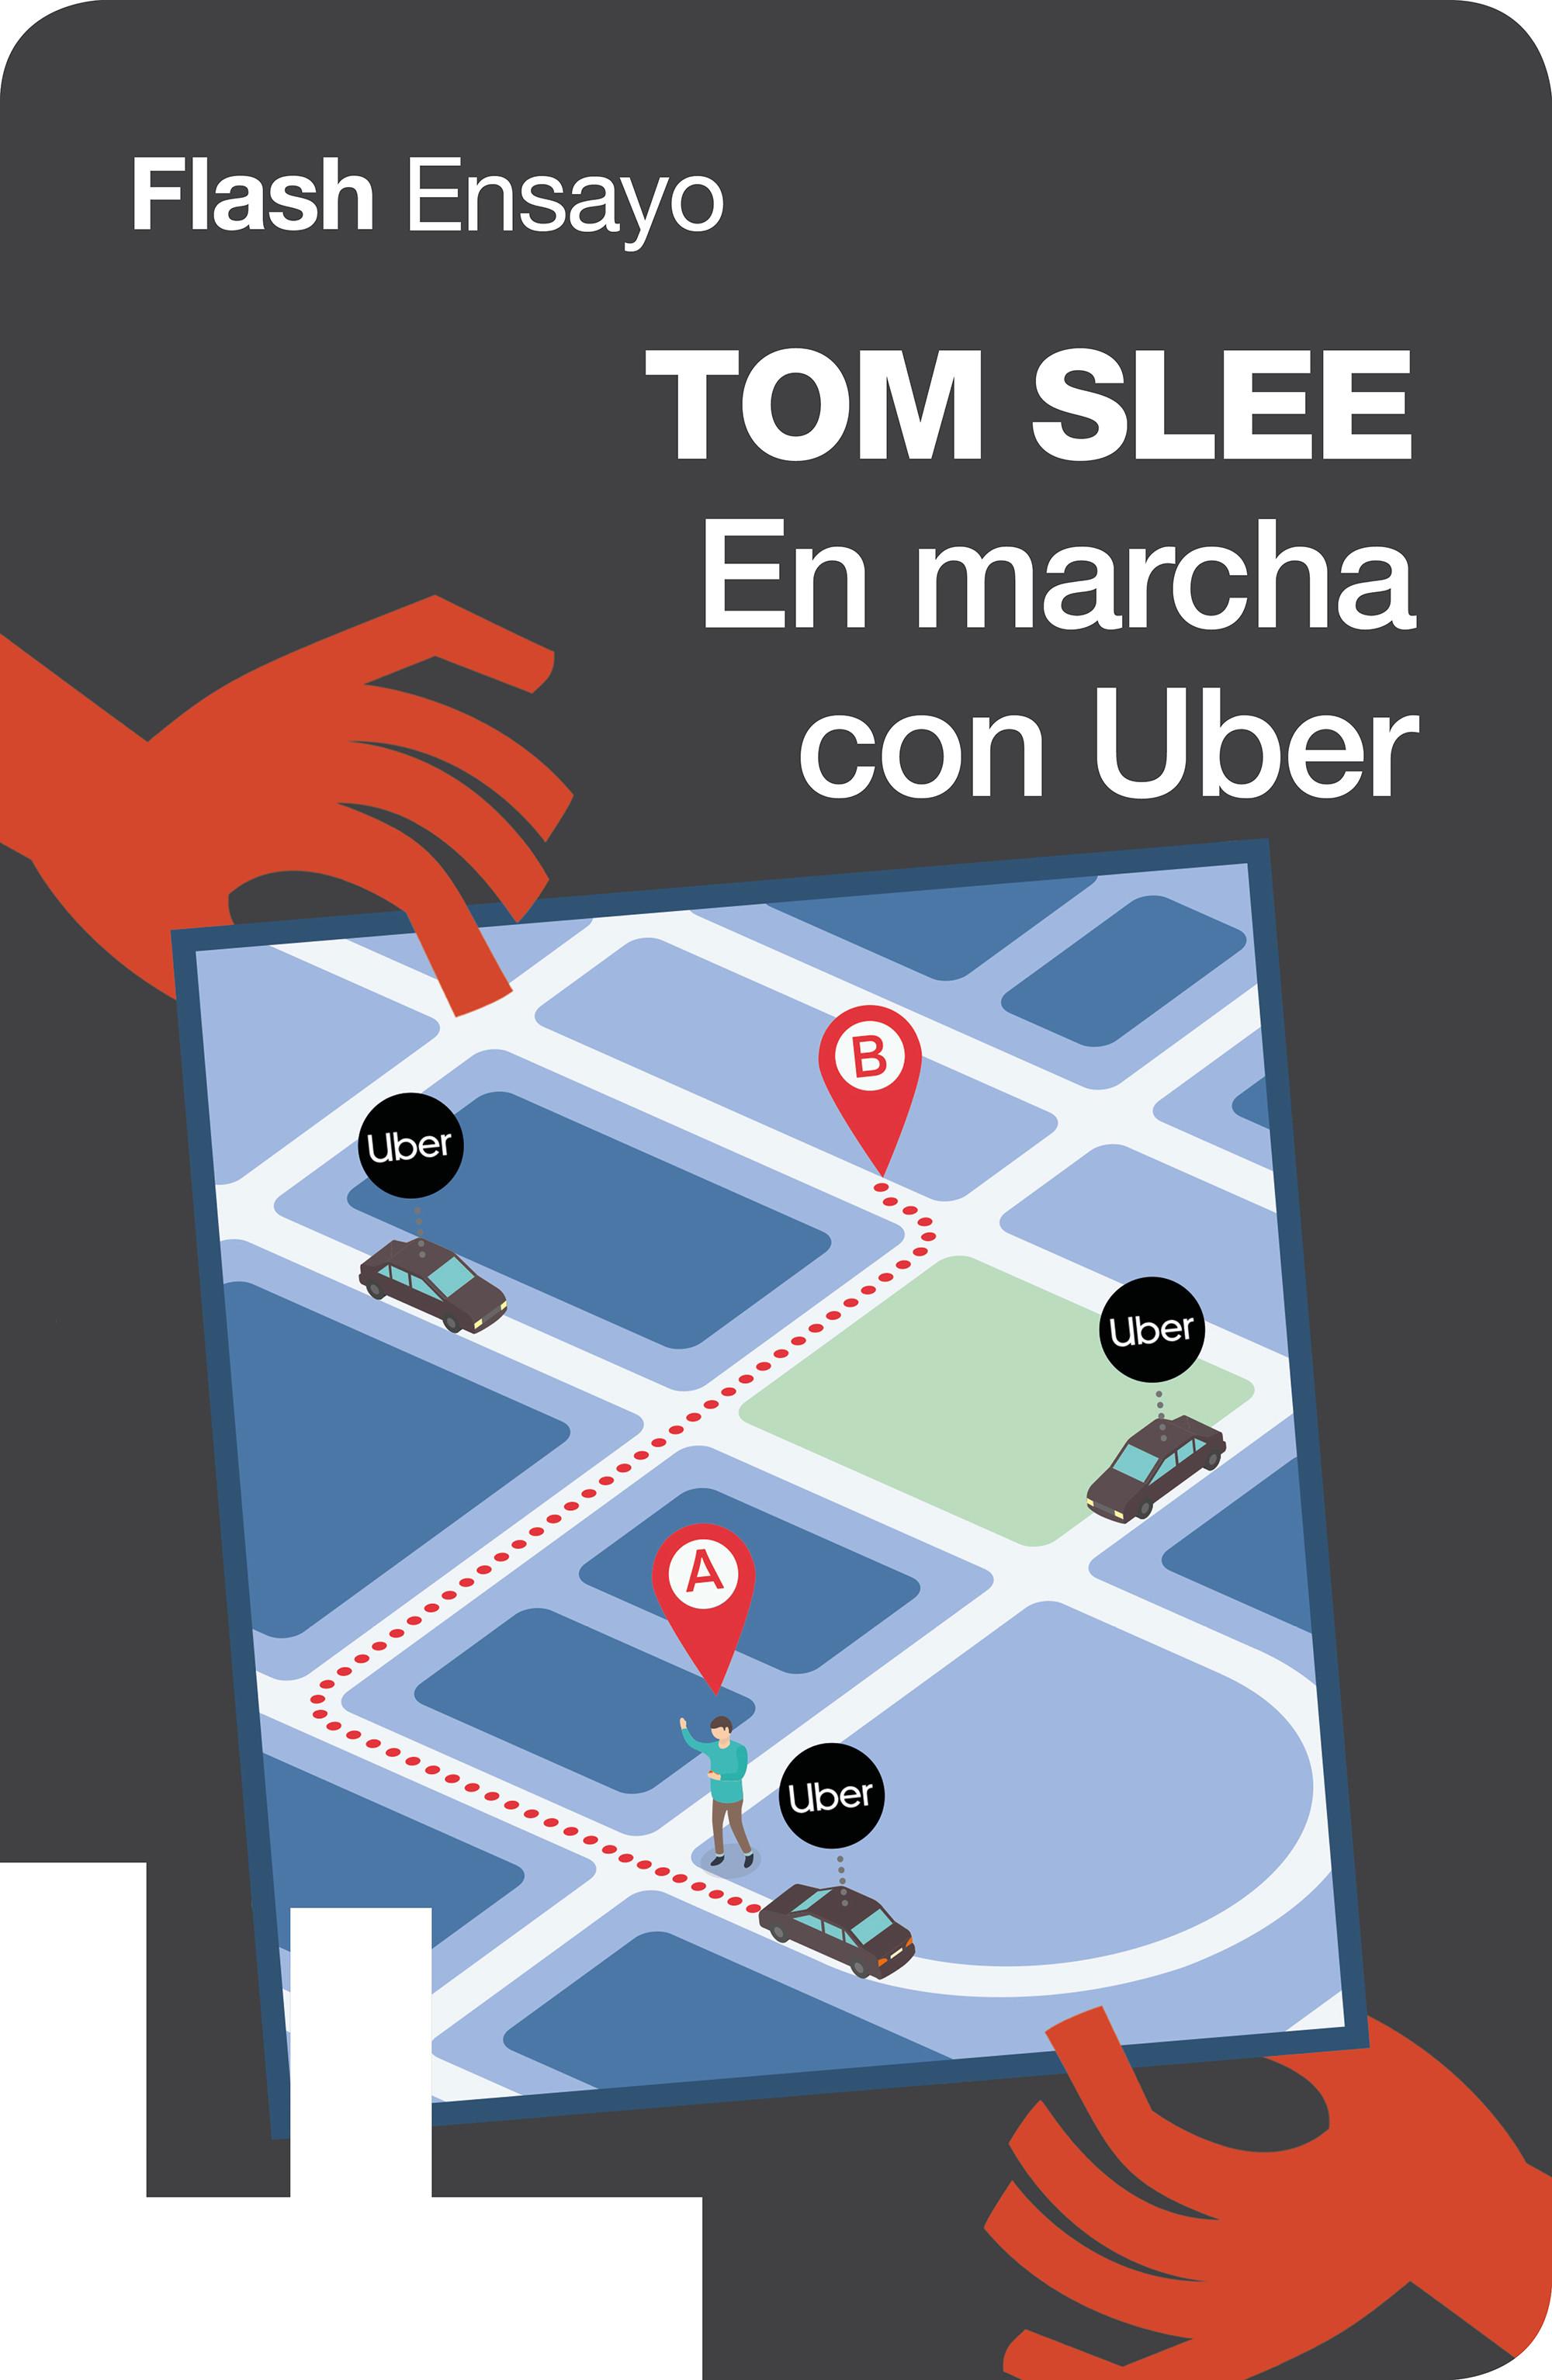 En marcha con Uber